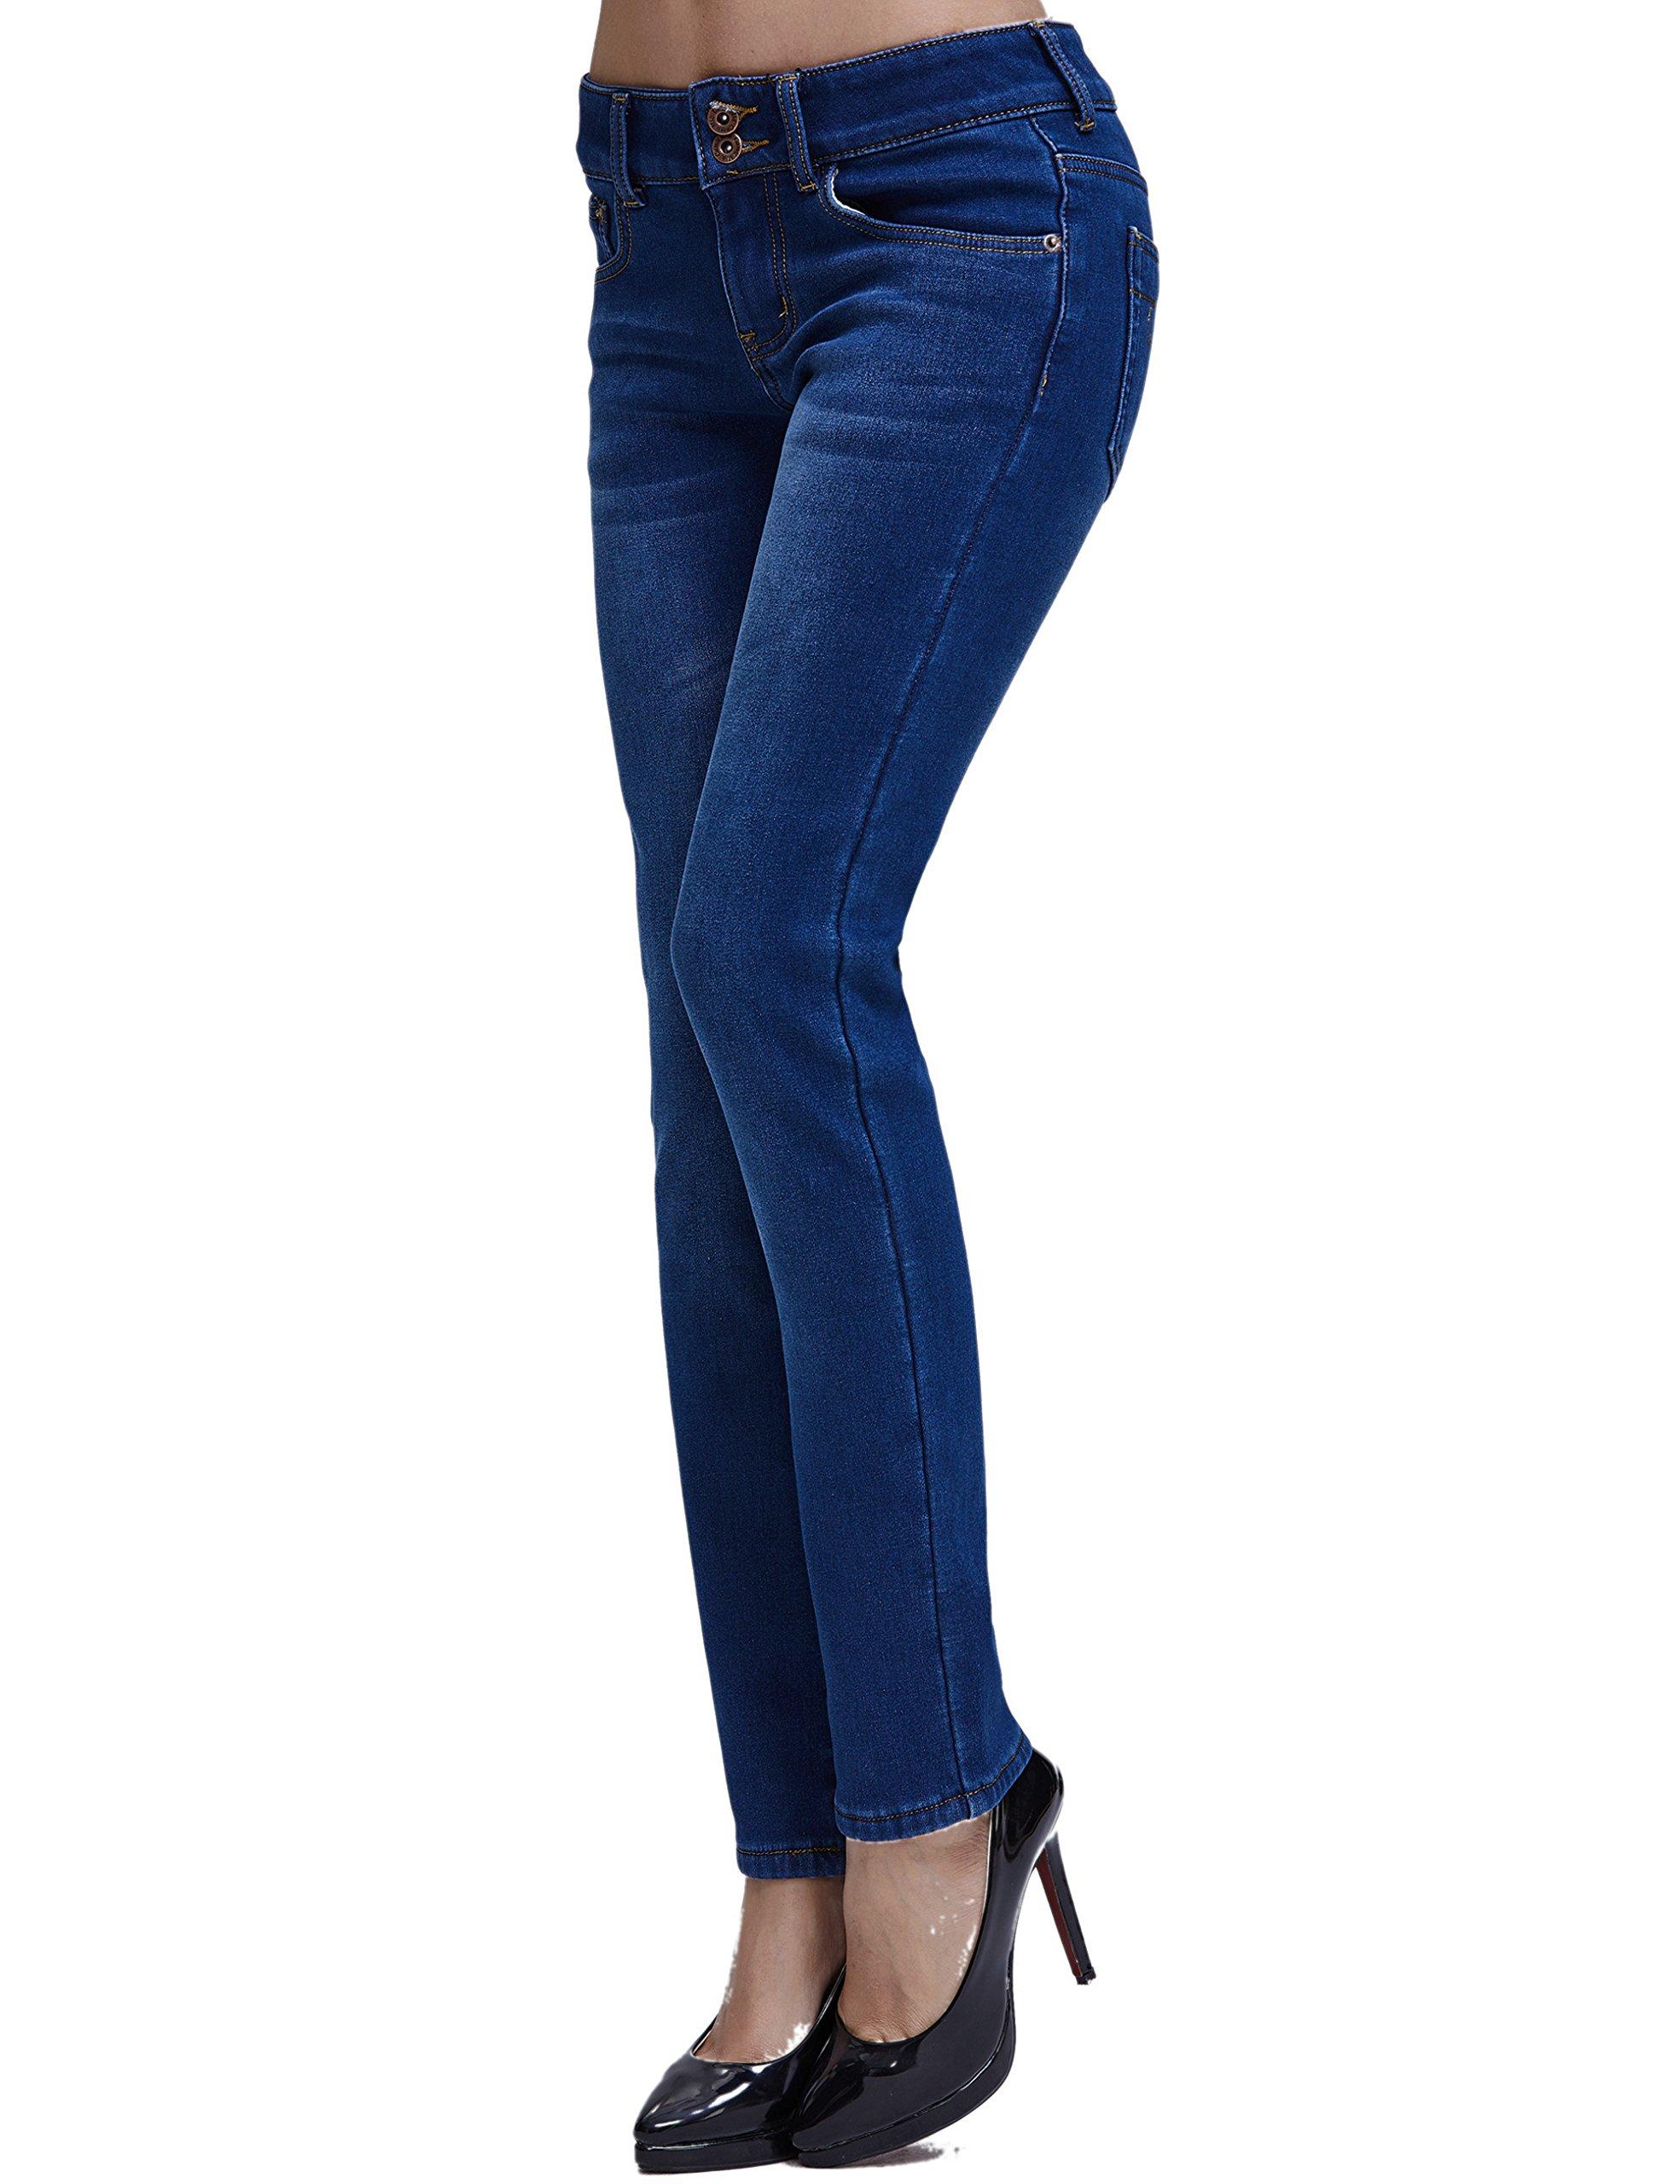 Camii Mia Women's Slim Fit Fleece Lined Jeans (W27 x L30, Blue (New Size)) by Camii Mia (Image #4)